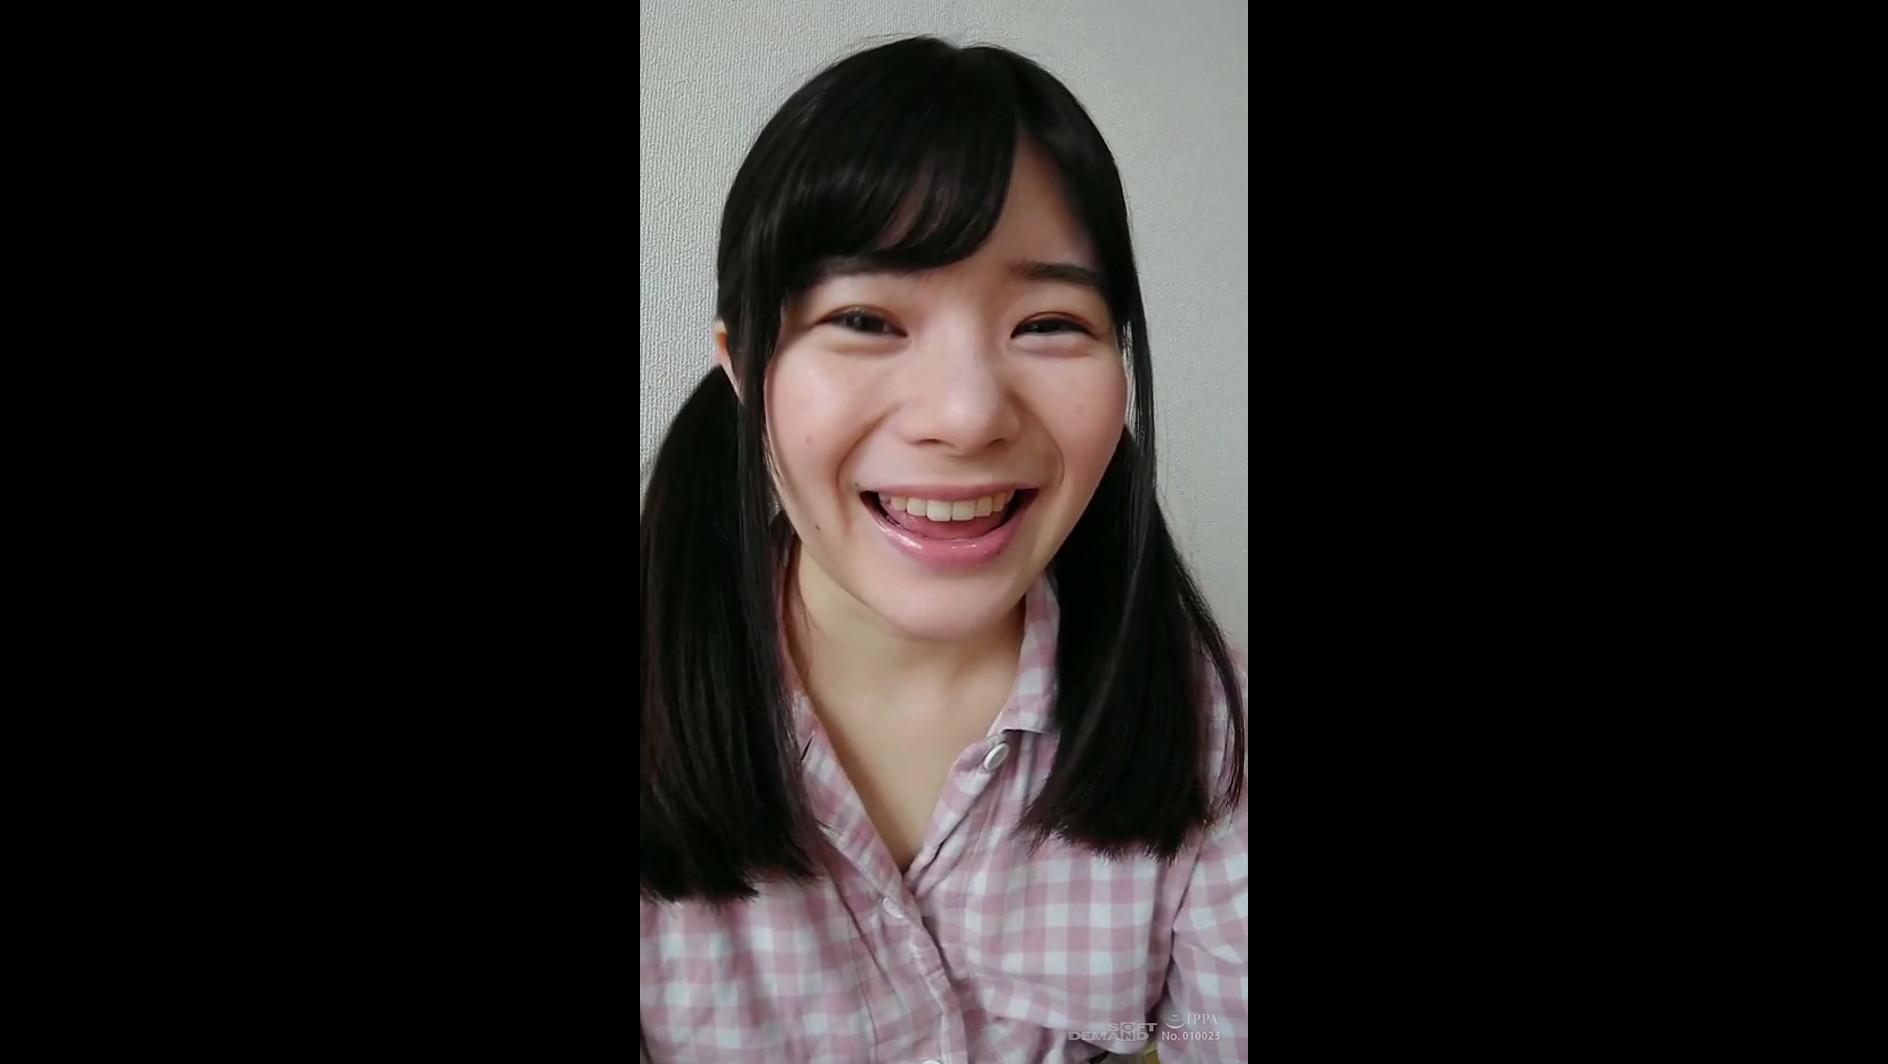 ビデオ通話エッチ JOI りんご 【縦動画】 画像3